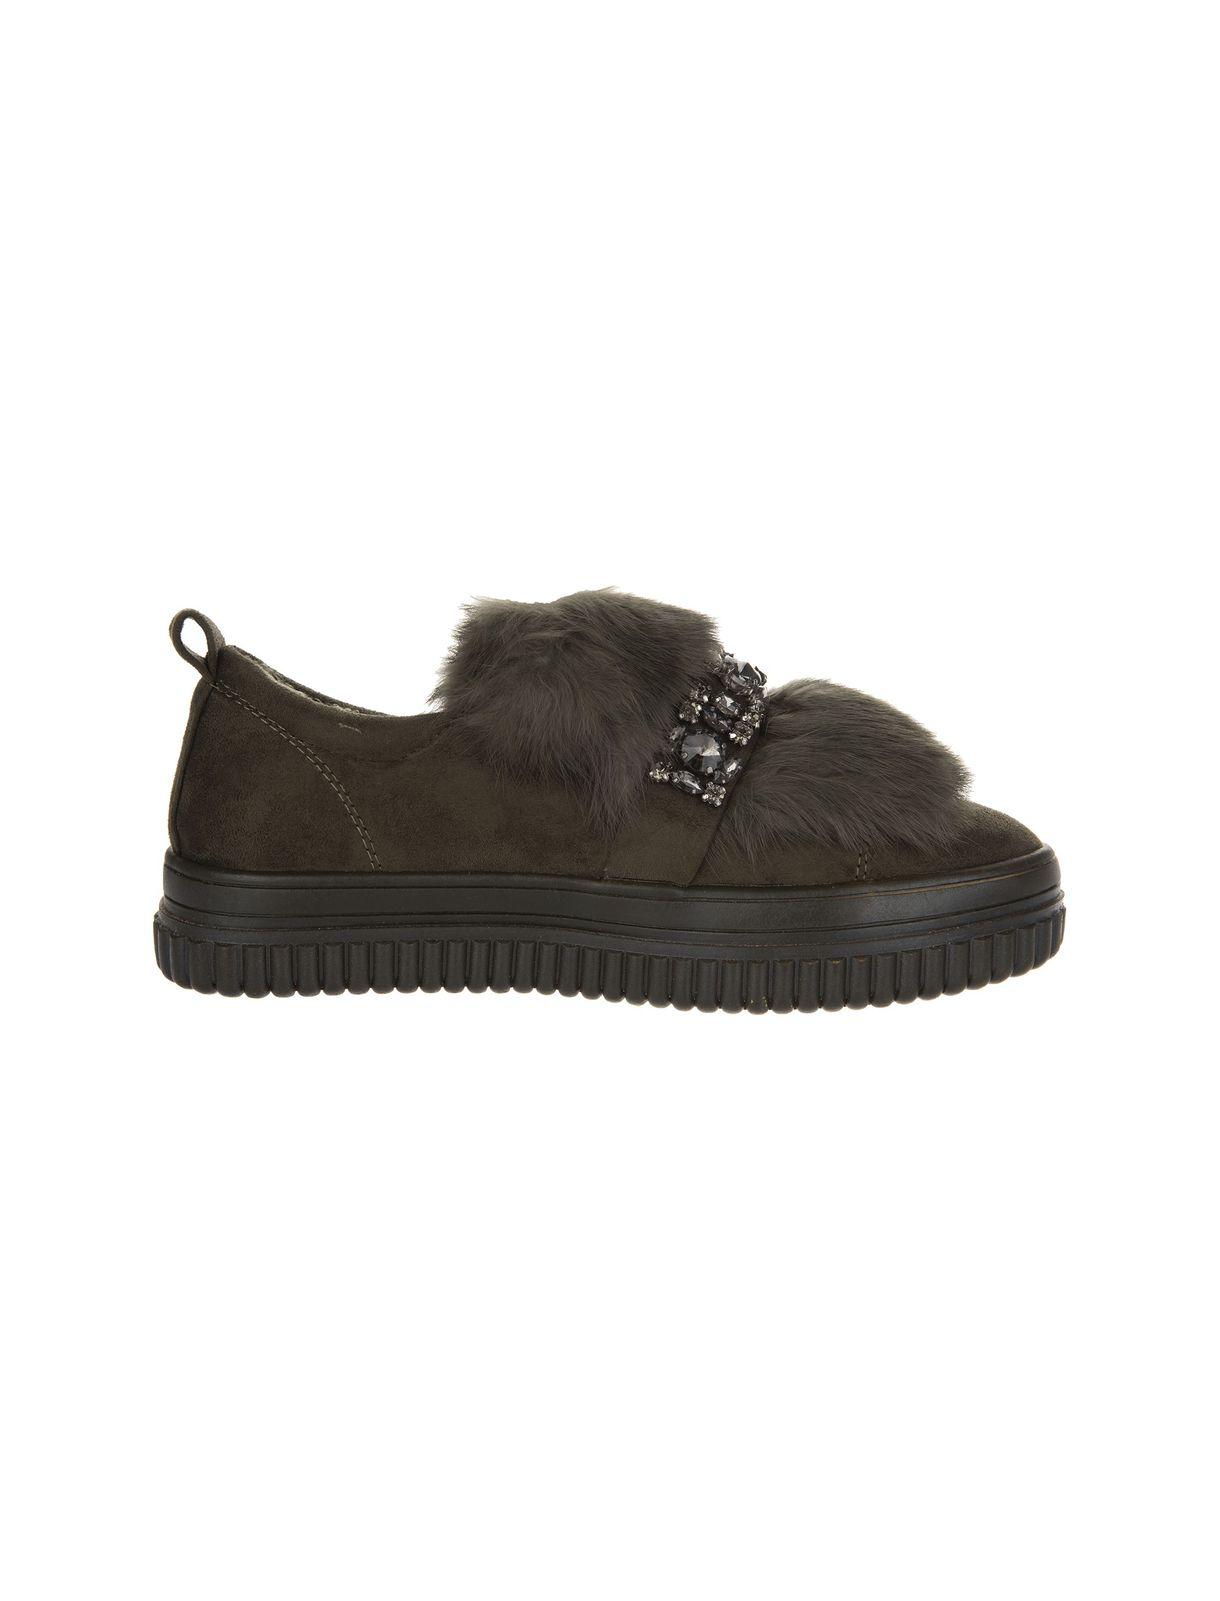 کفش تخت زنانه – مالین  Women Flat Shoes – Malien